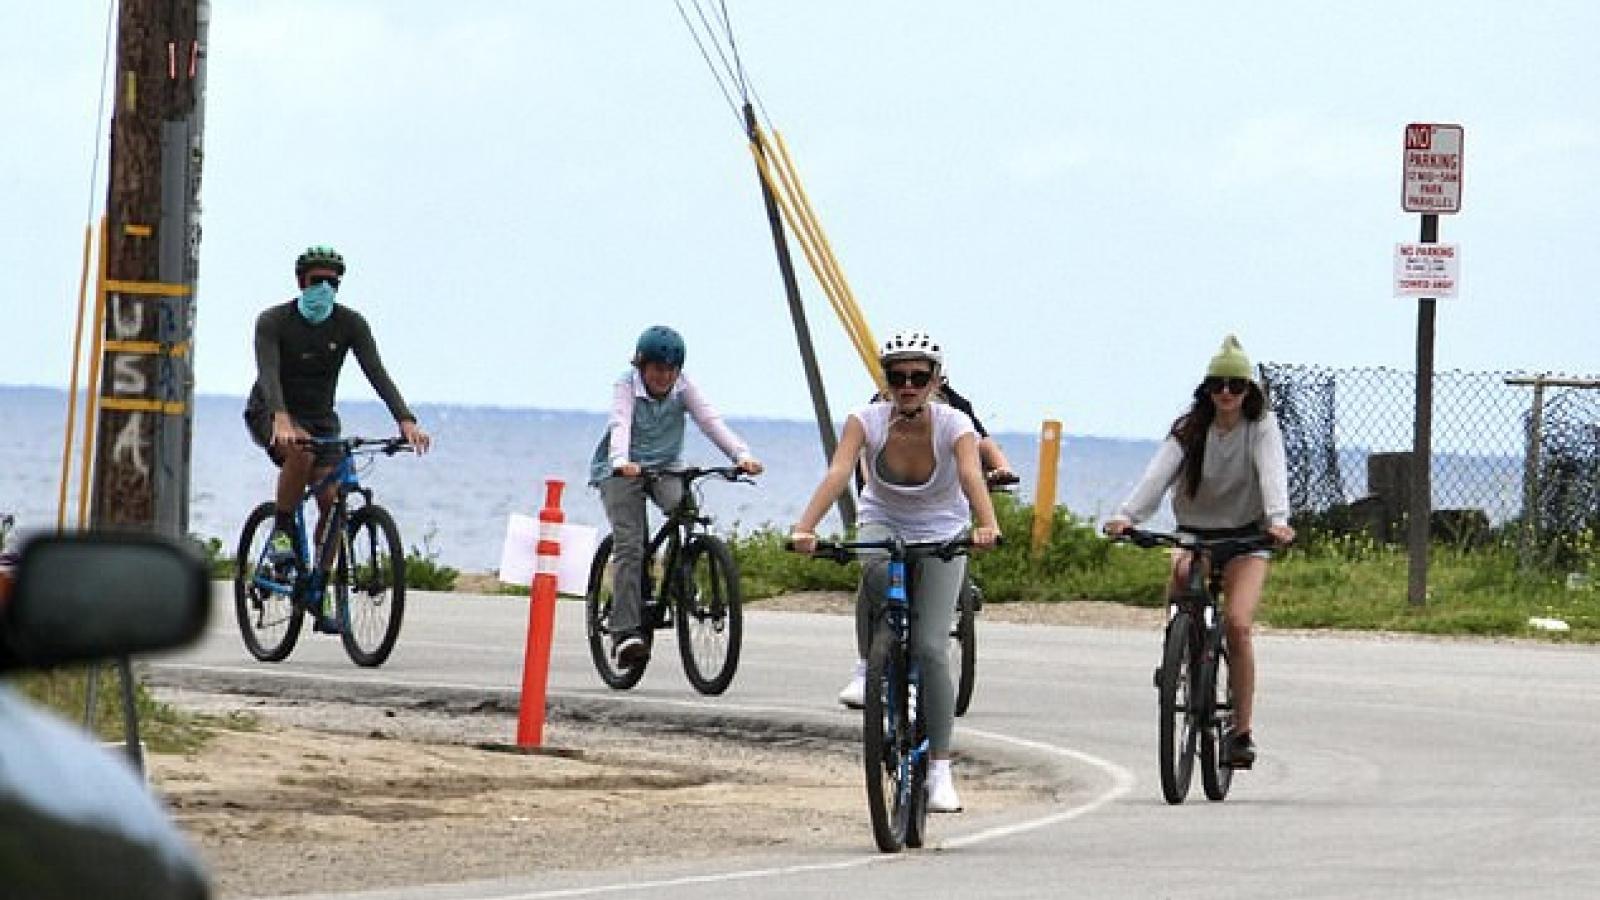 """Kiều nữ """"50 sắc thái"""" xinh đẹp đạp xe dạo phố cùng bạn trai ở Malibu"""